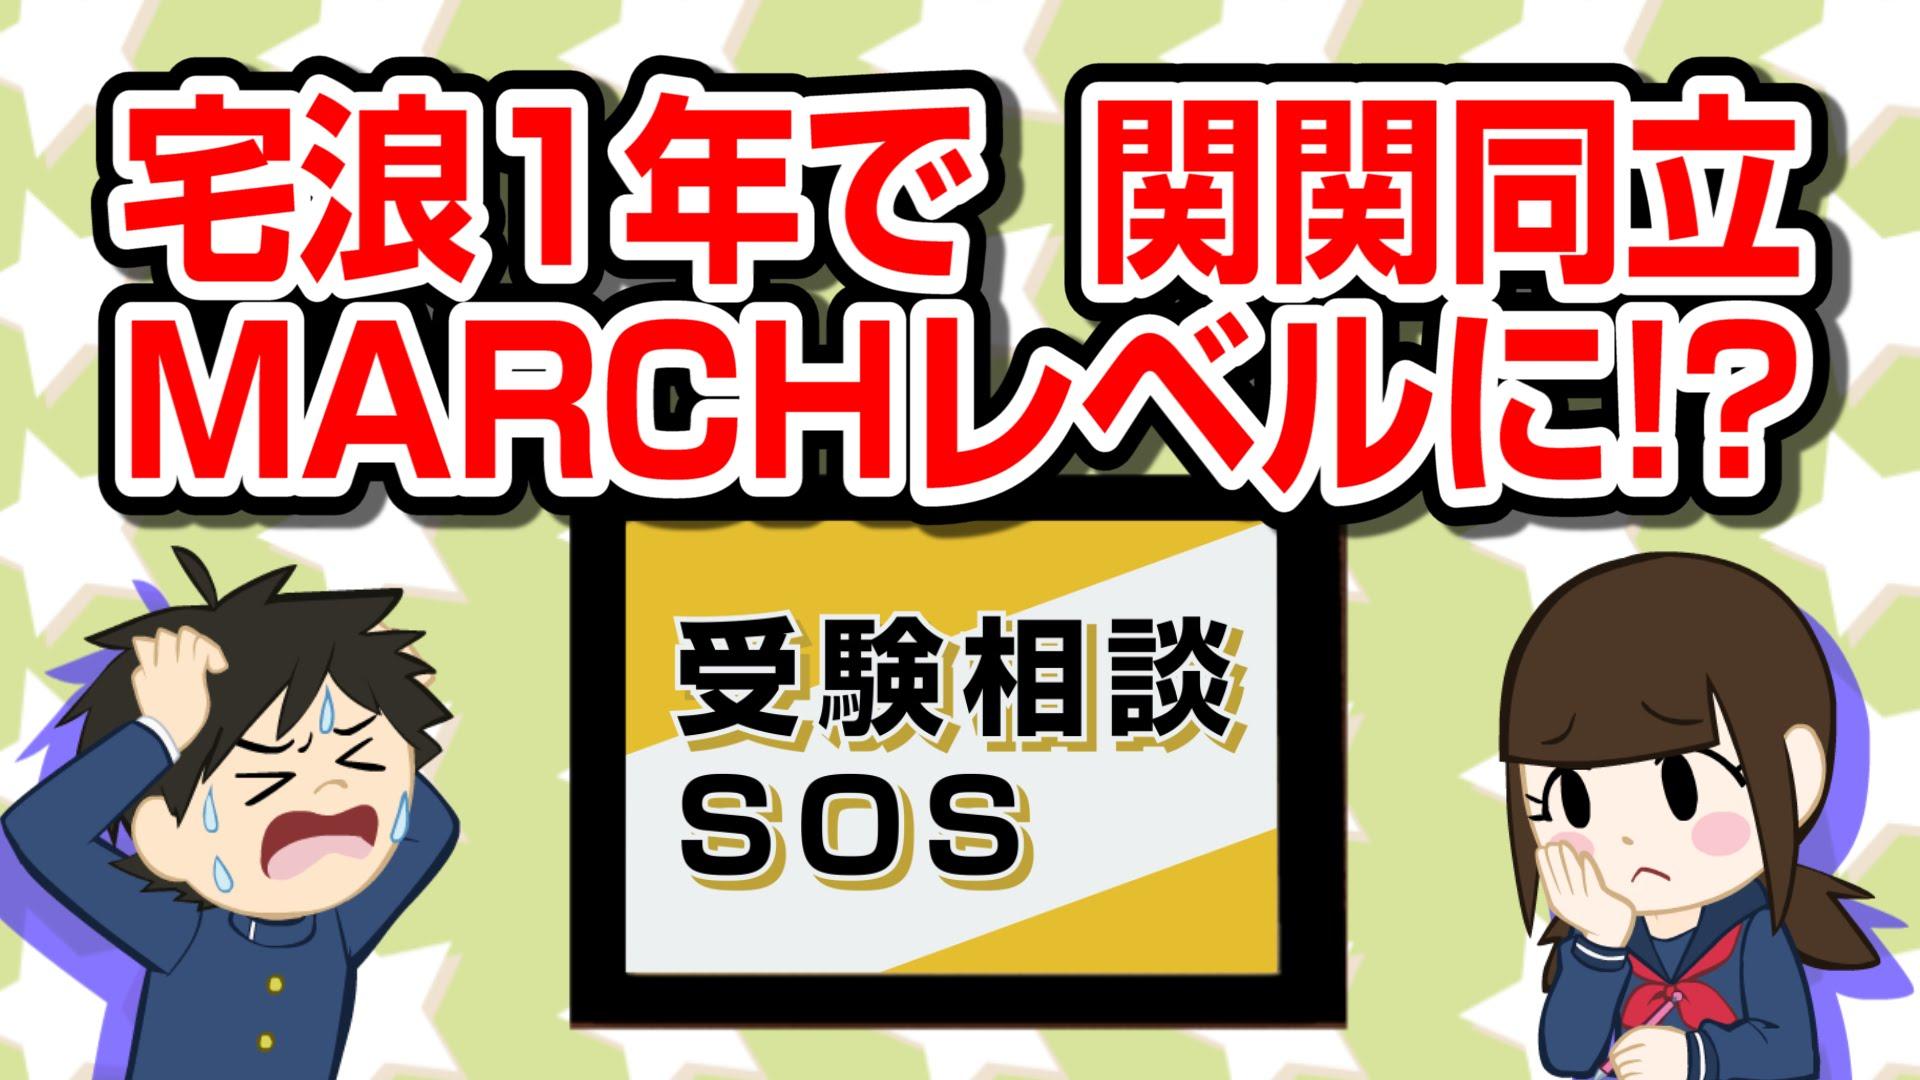 【vol.102】宅浪1年で関関同立MARCHレベルに!? 受験相談SOS